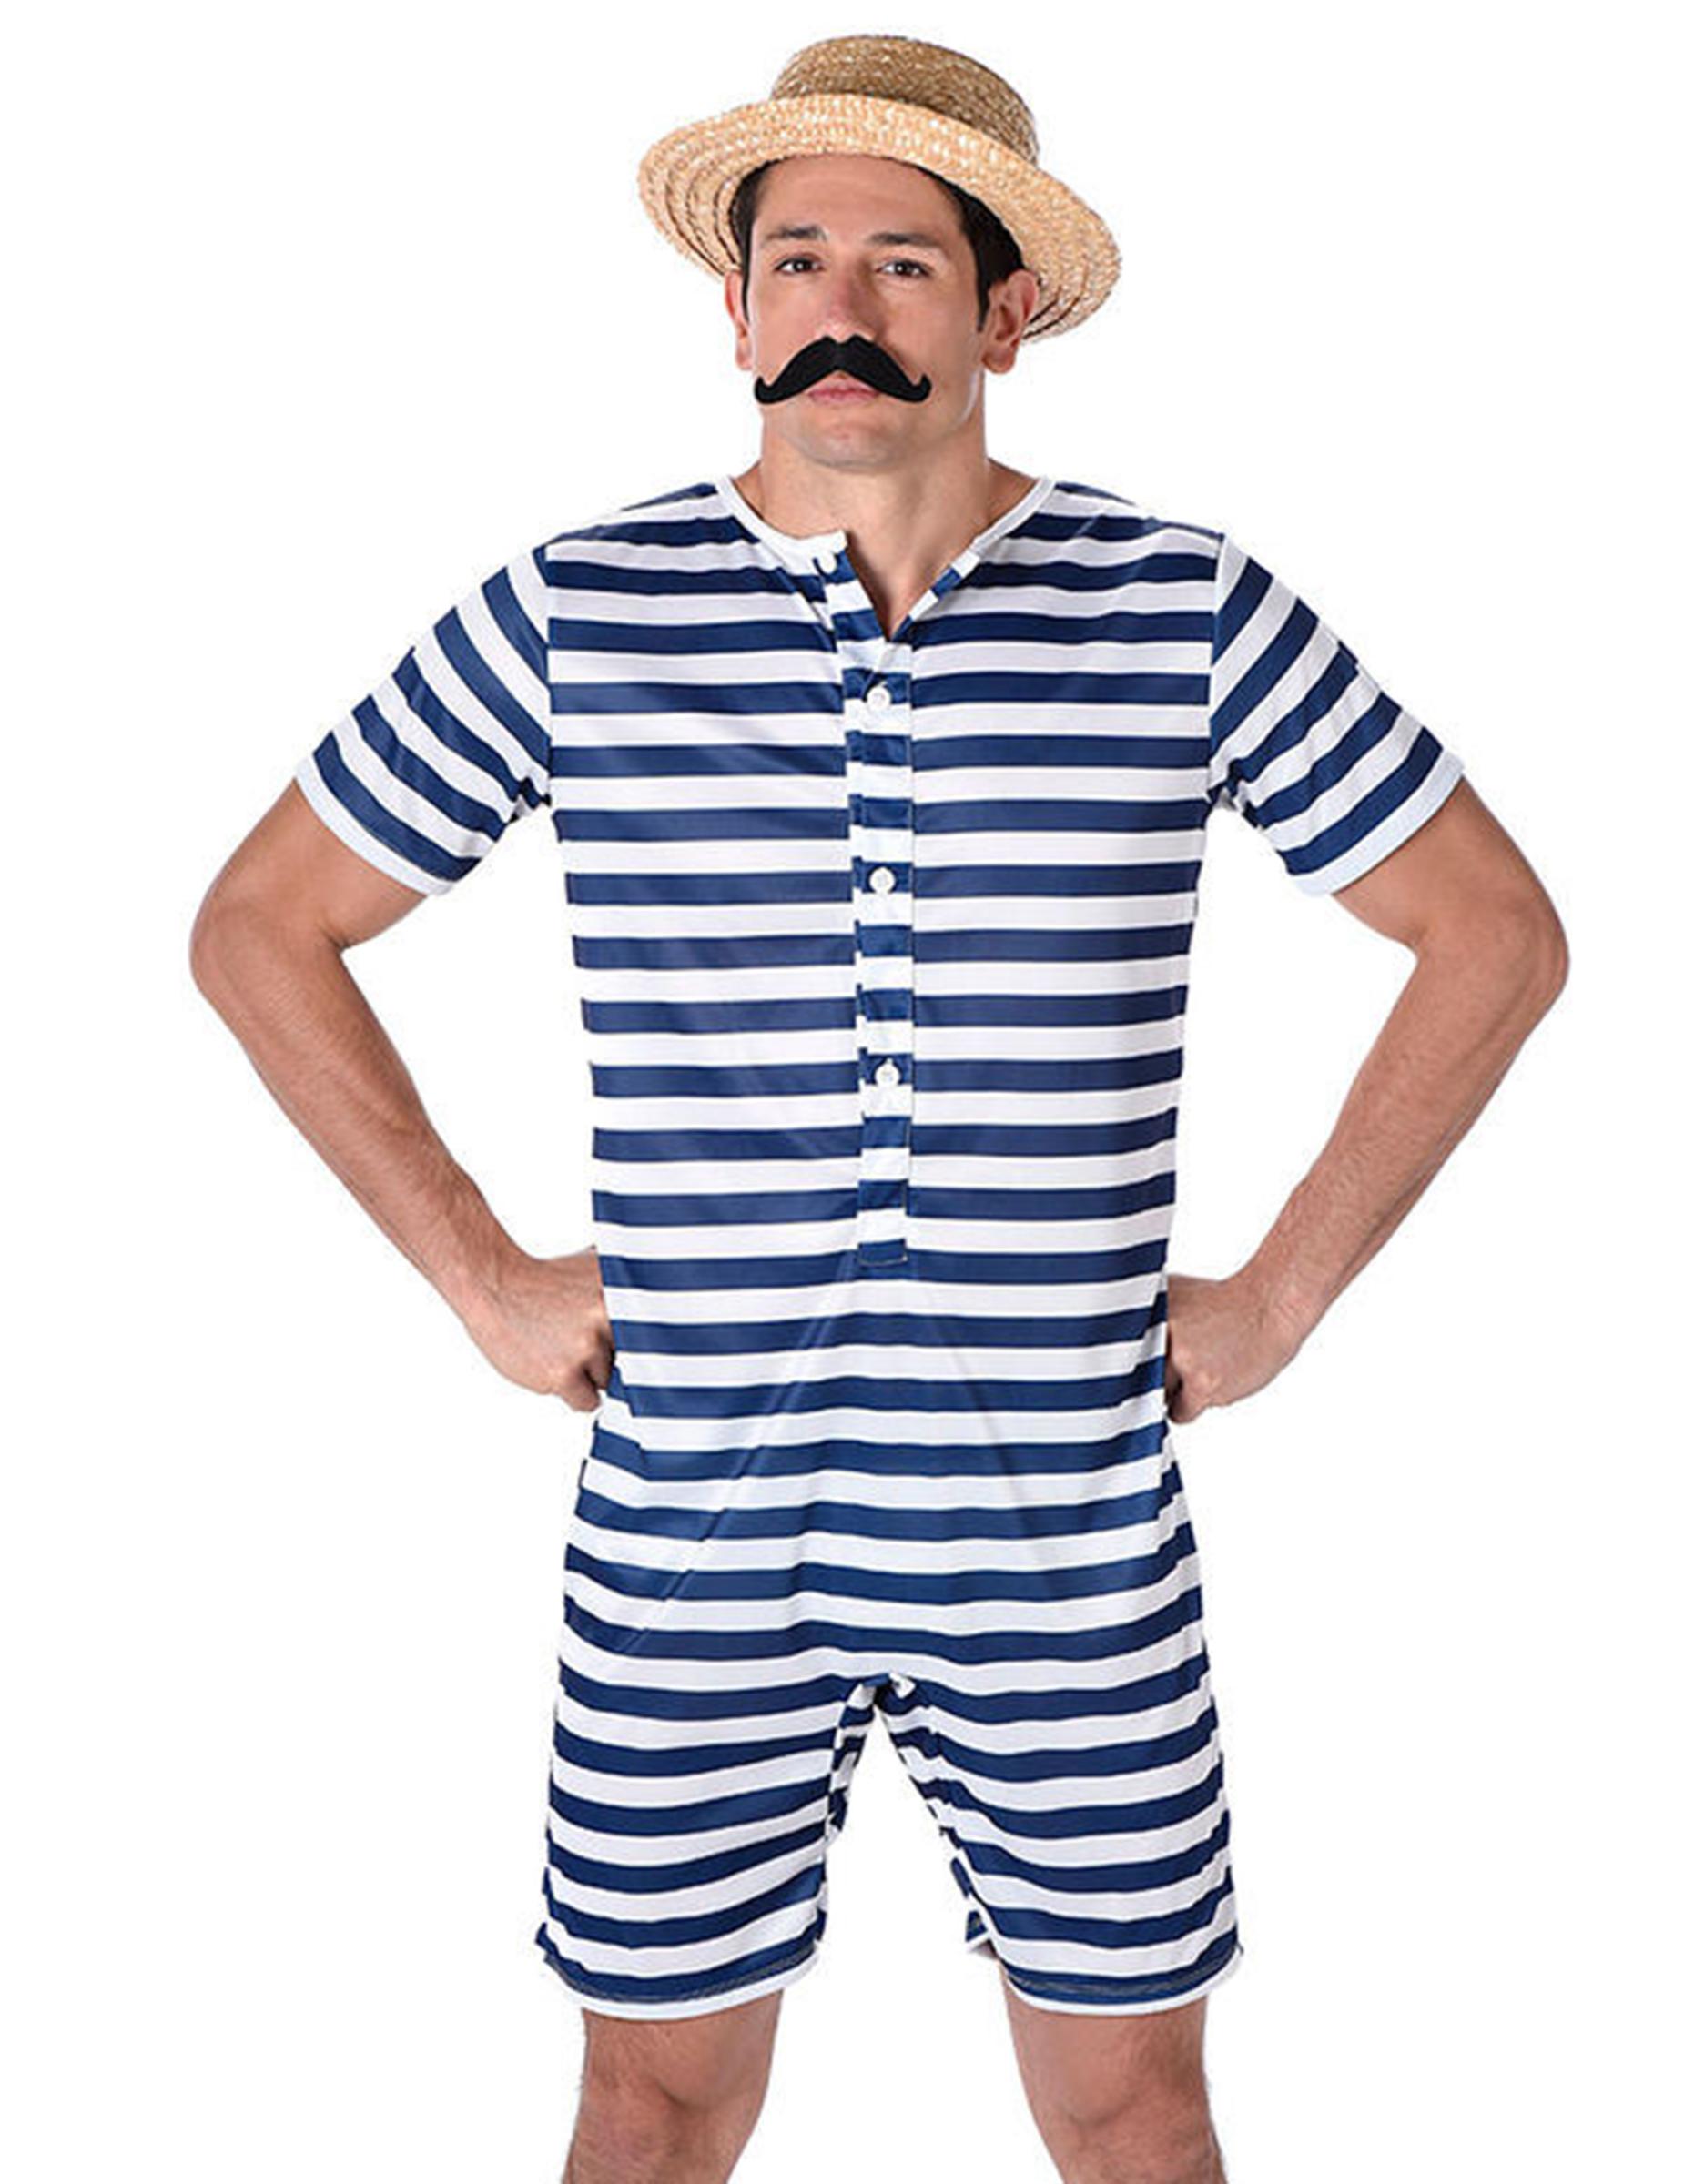 Costume da bagno retrò per uomo: Costumi adulti,e vestiti di ...